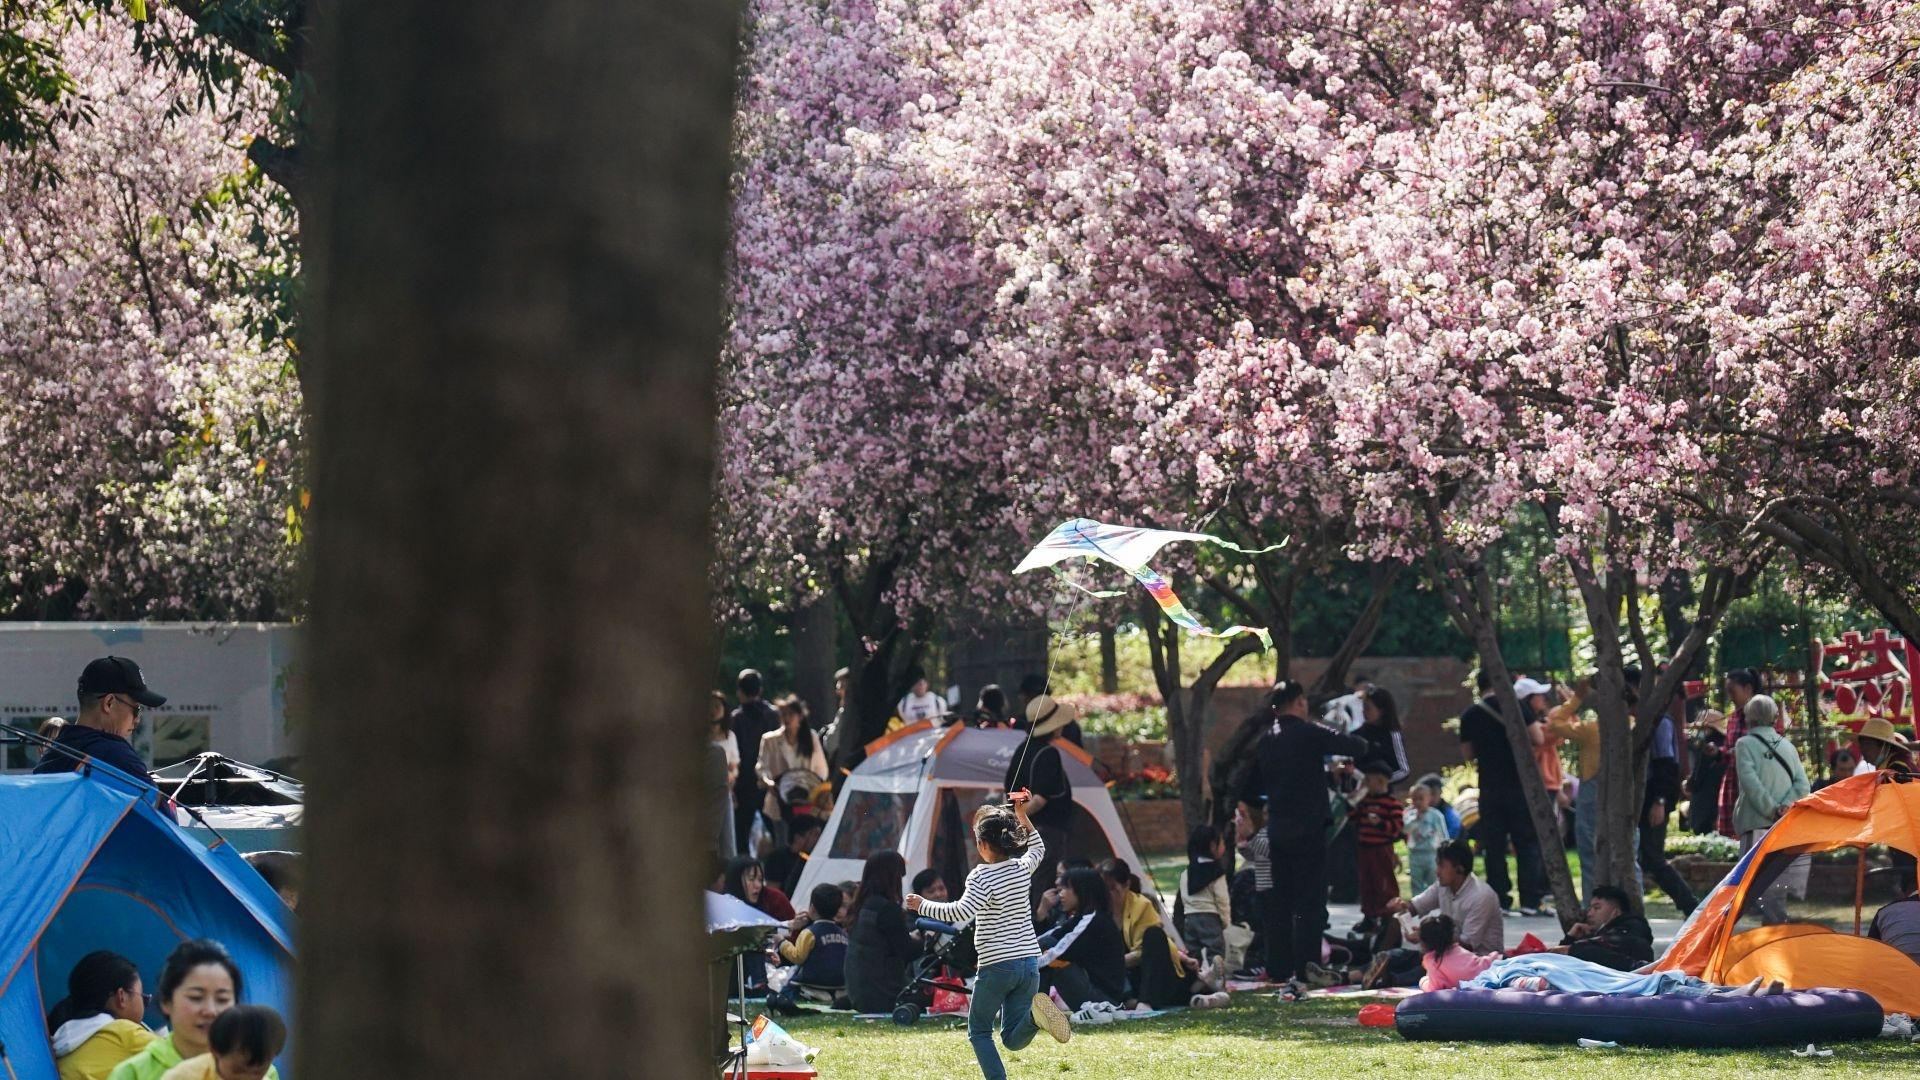 图集 | 西华公园海棠花开正盛